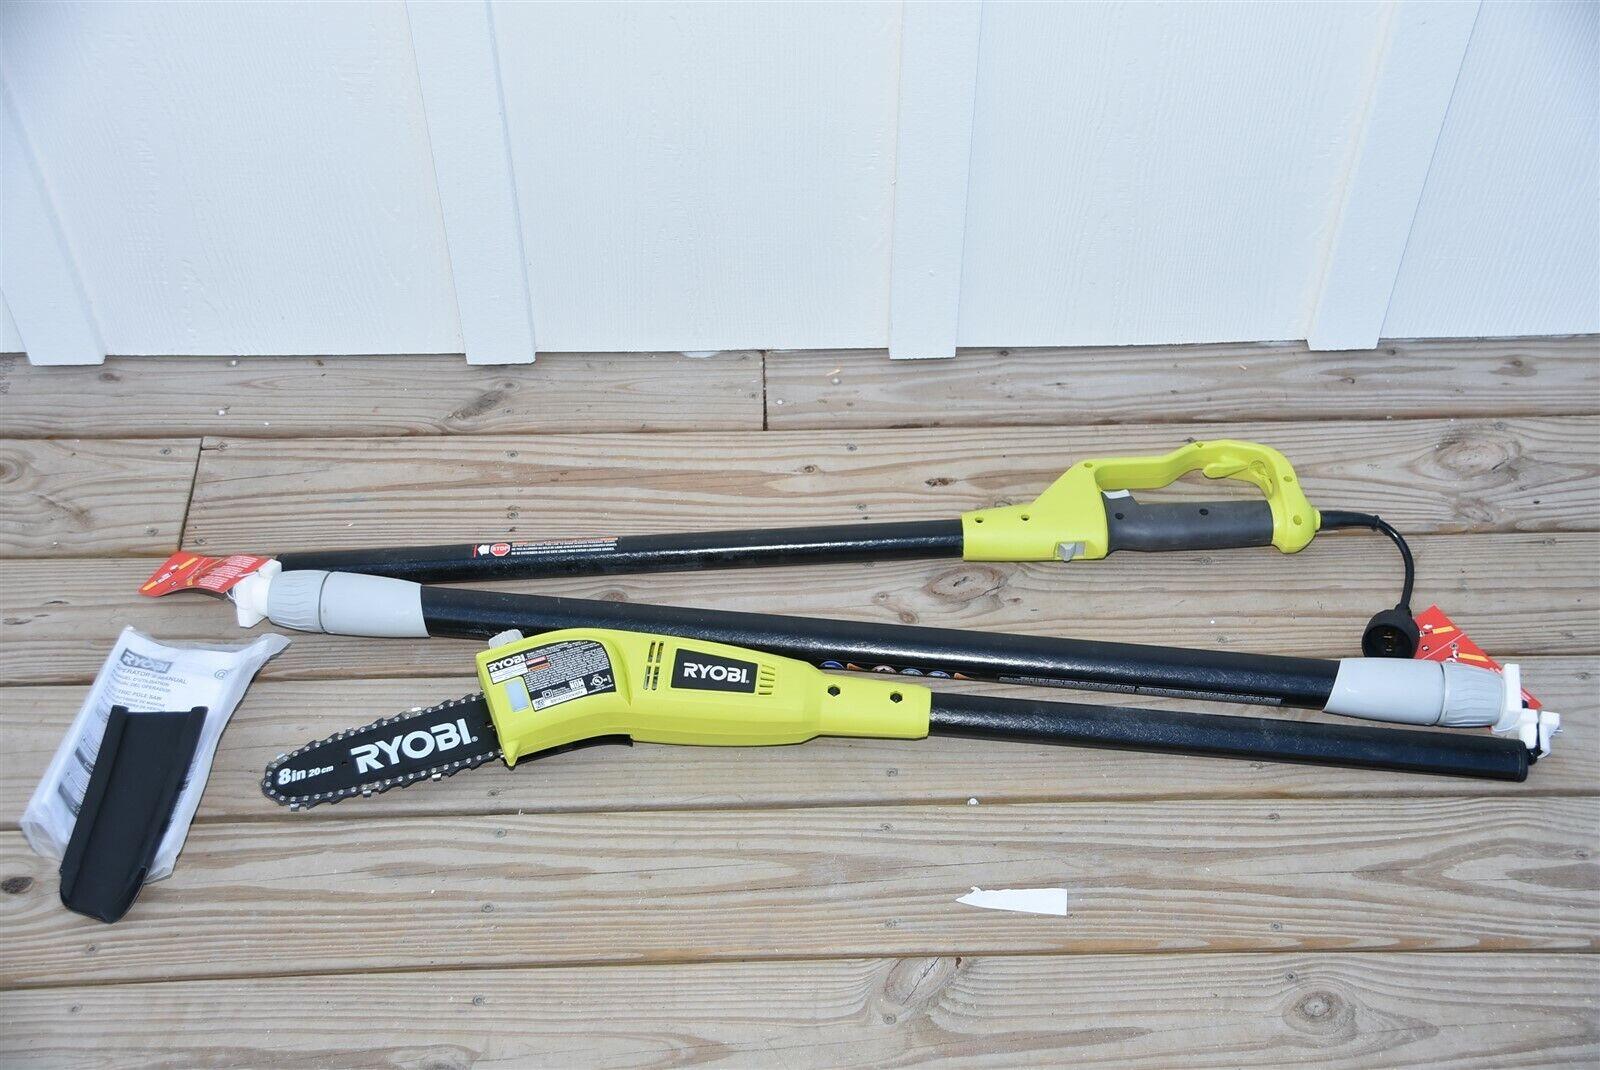 Homelite Ryobi OEM 901289001 Electric Pole Saw Chain UT43160 RY43160 RY43161